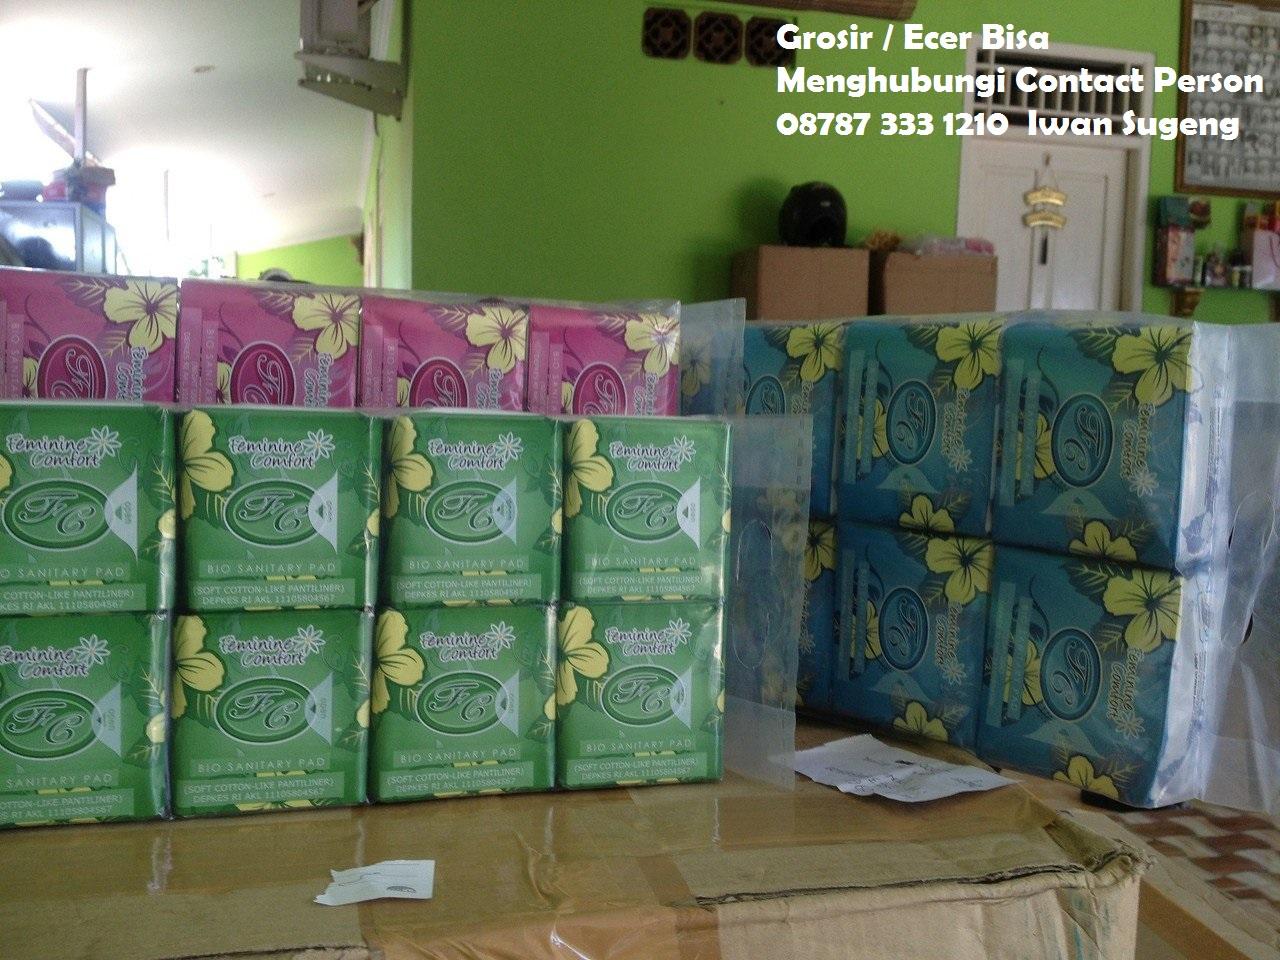 Distributor Pembalut Herbal 0878 7333 1210 Xl Avail Harga Resmi Di Depok Ingin Membeli Jual